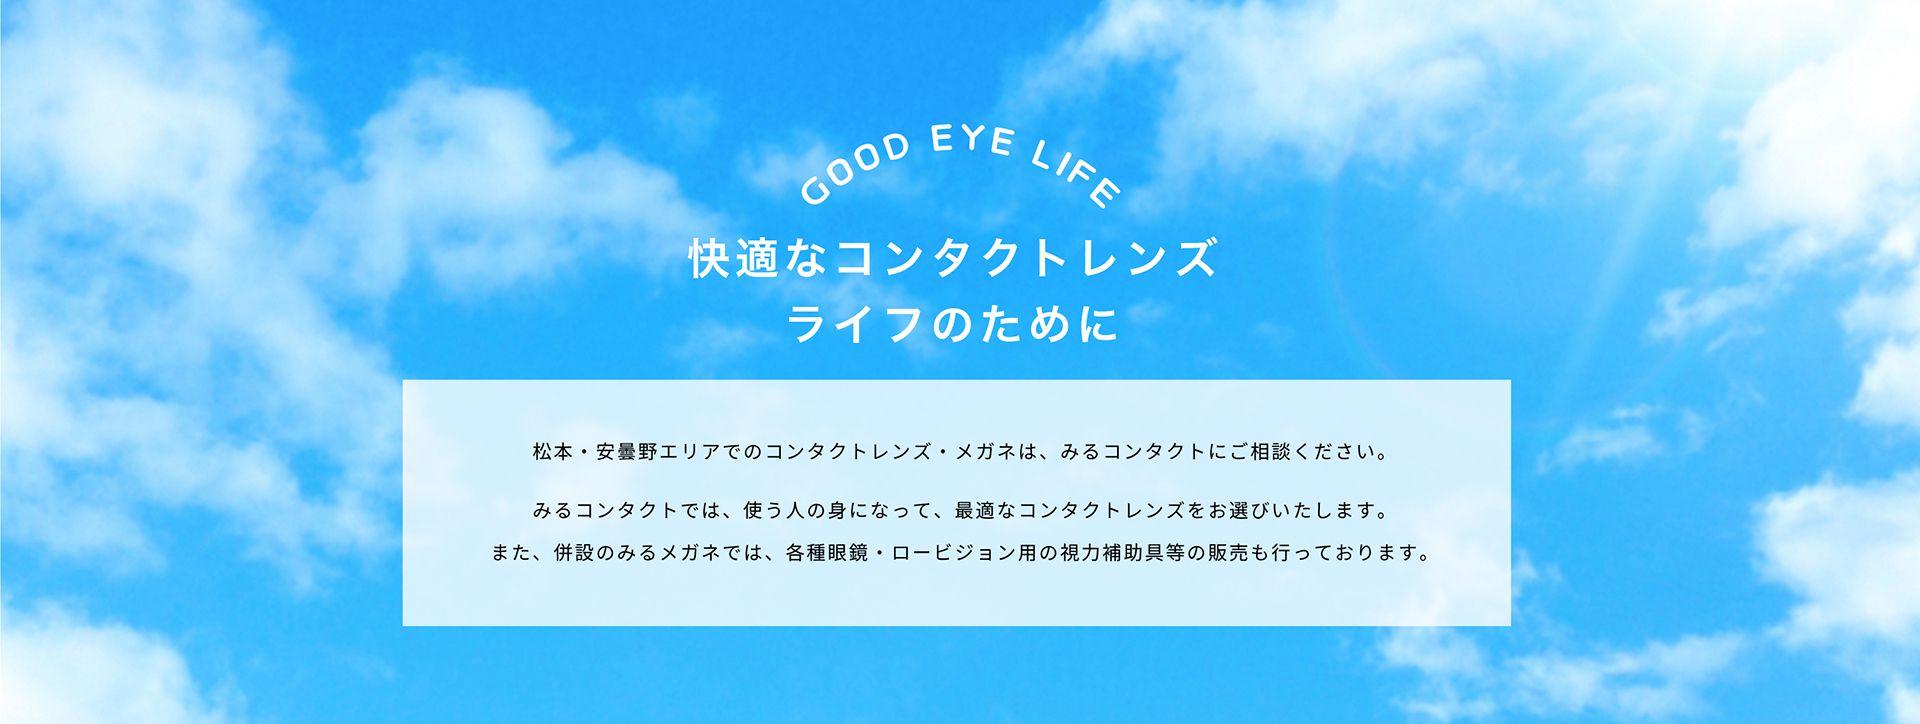 松本・安曇野エリアでのコンタクトレンズ・メガネは、みるコンタクトにご相談ください。